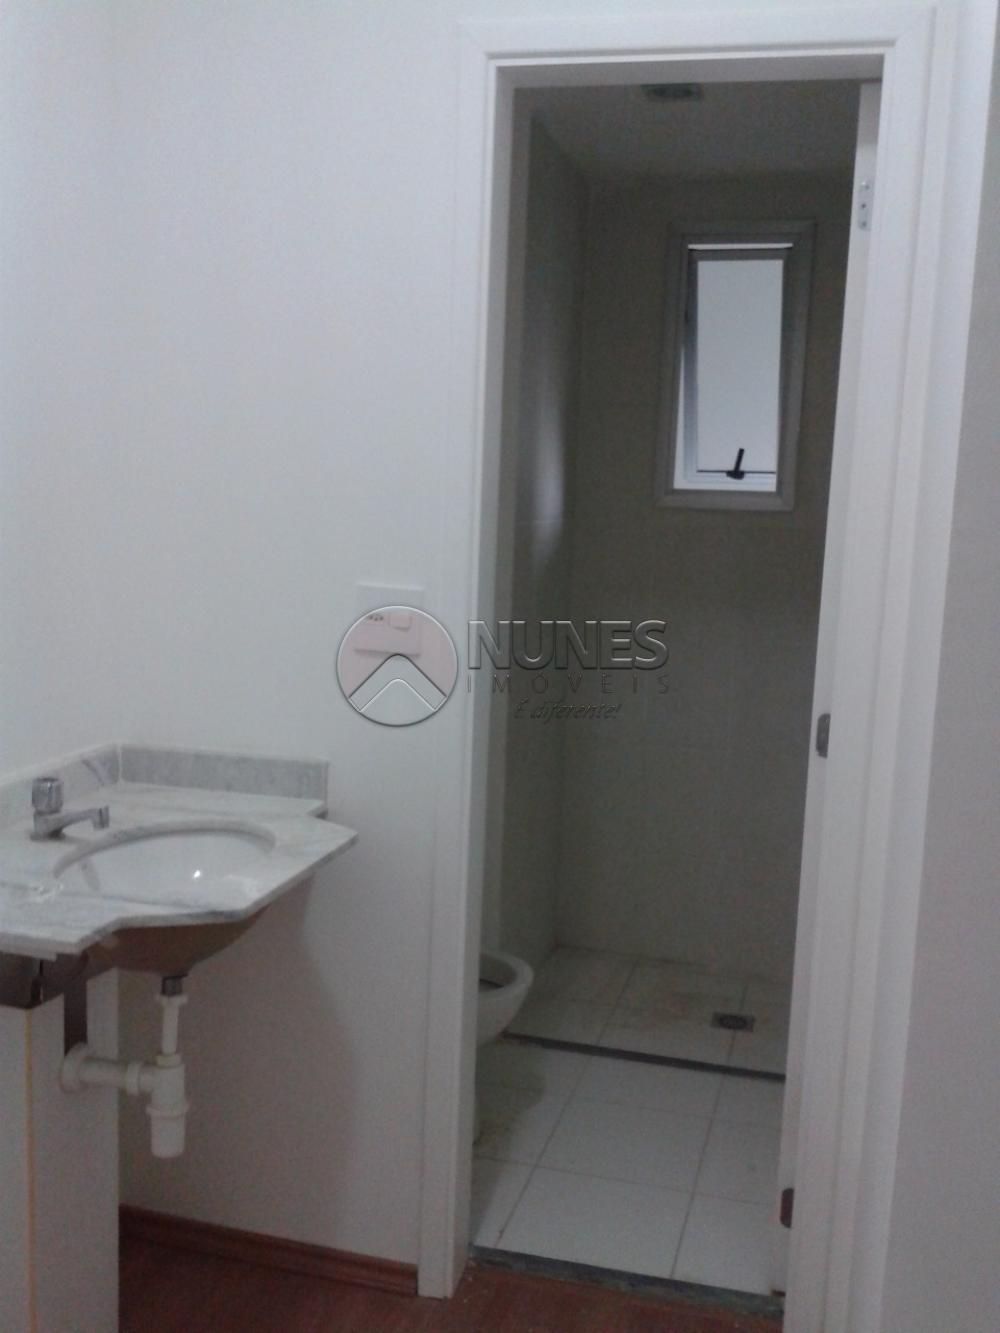 Comprar Apartamento / Padrão em São Paulo apenas R$ 300.000,00 - Foto 10